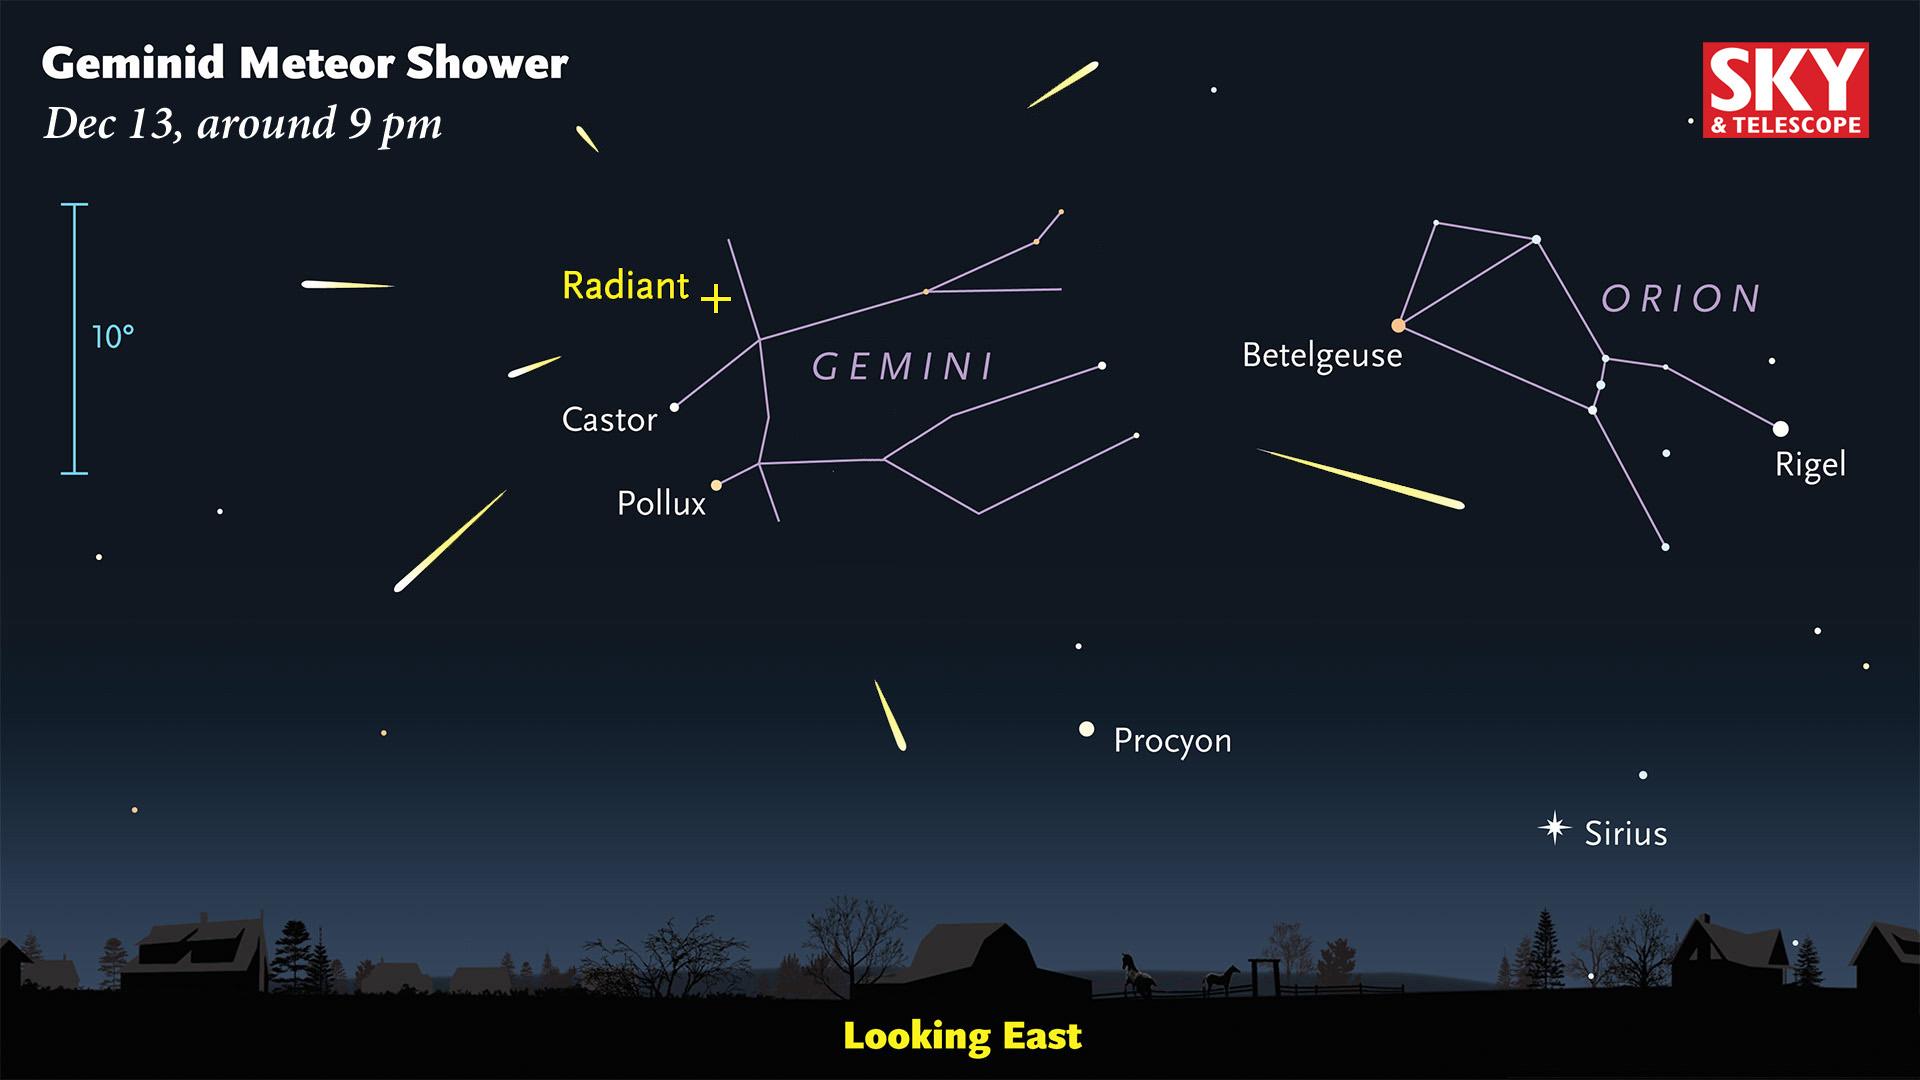 Les météores géminides semblent diverger d'un seul endroit dans le ciel, appelé le radiant, situé dans la constellation des Gémeaux.  Mais vous en verrez autant que possible si vous vous penchez en arrière et admirez le ciel entier - ils peuvent apparaître n'importe où dans le ciel, s'éloignant de ce point.